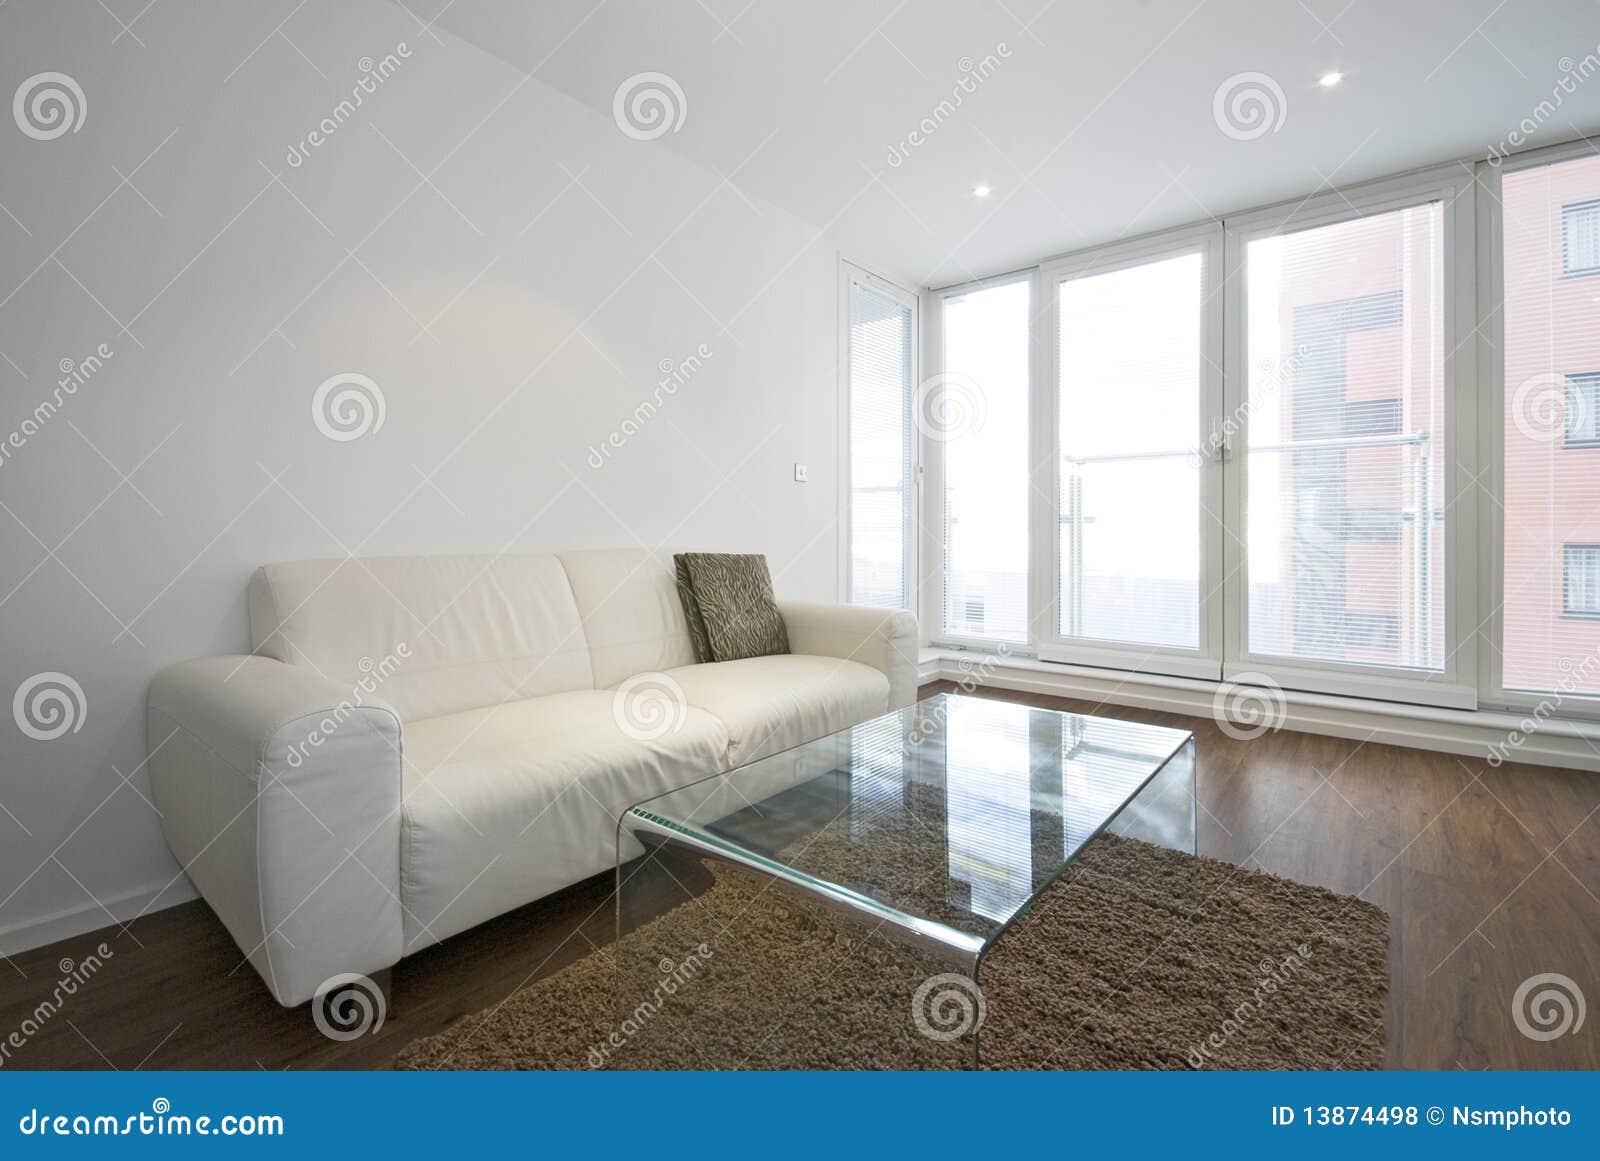 Moderne woonkamer met witte leerbank royalty vrije stock foto 39 s afbeelding 13874498 for Moderne woonkamer